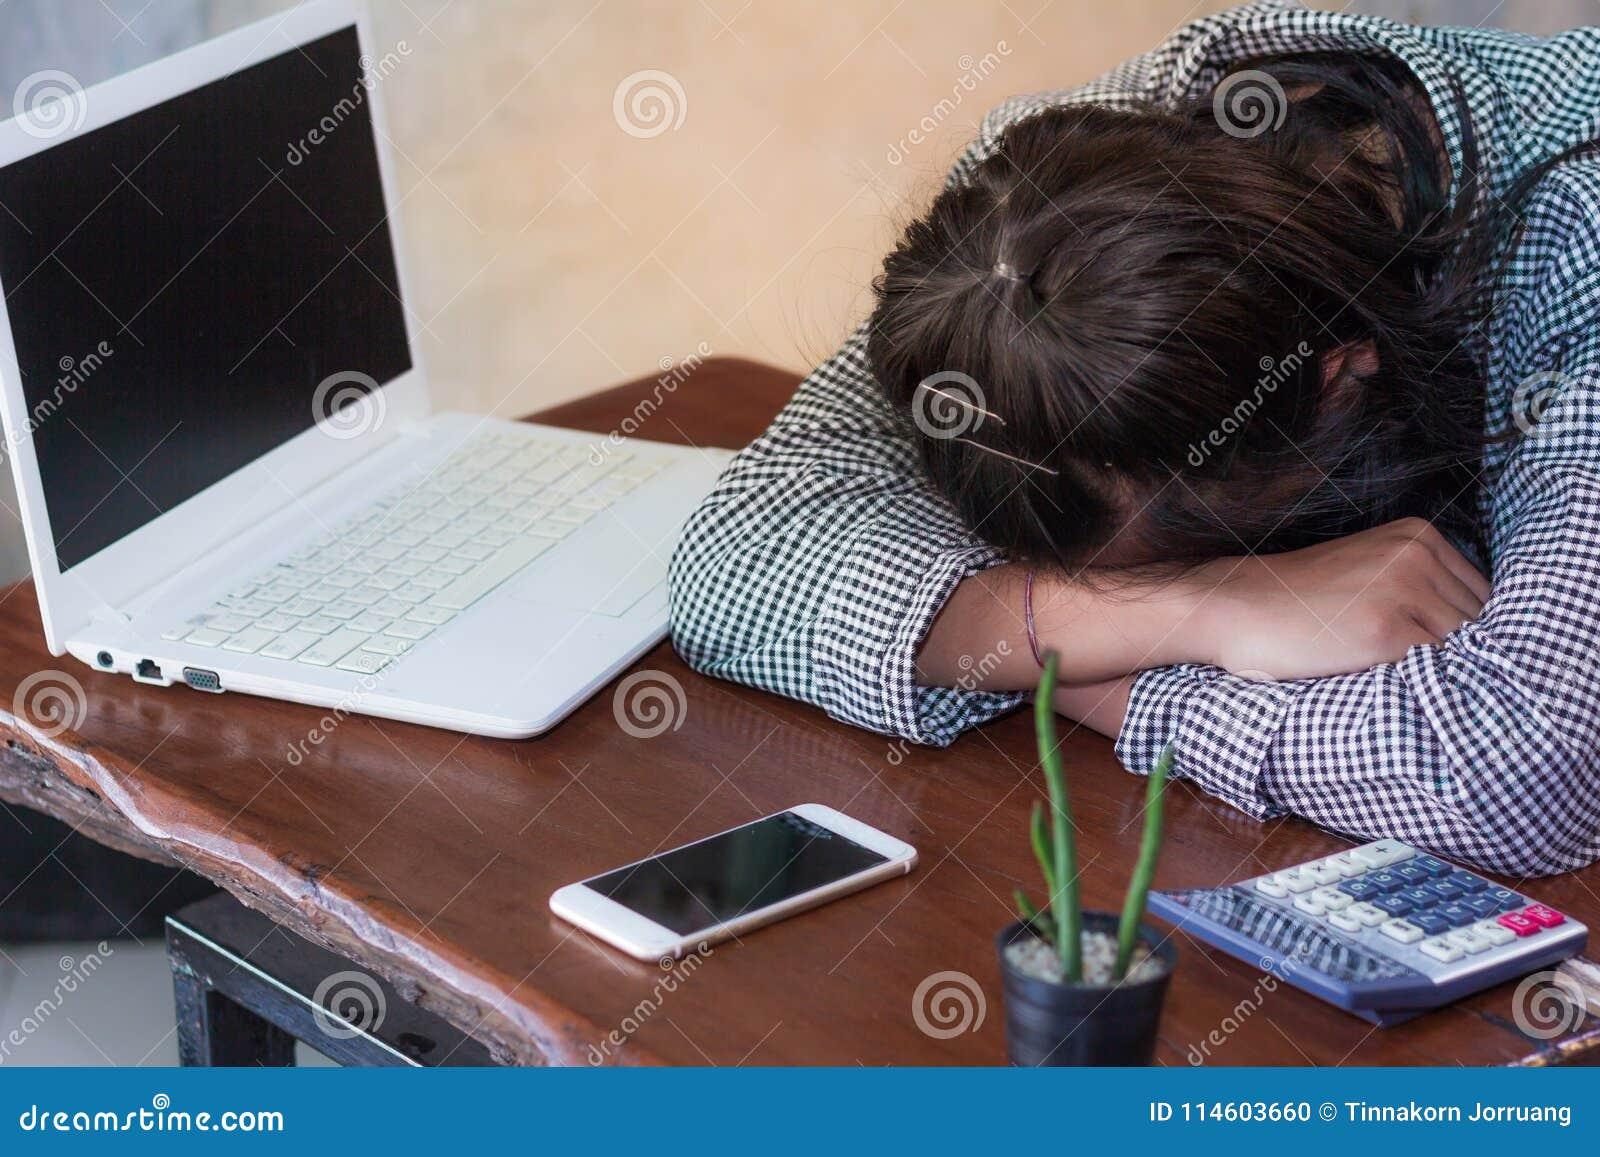 Erschöpfte Frauen, die am Arbeitsplatz nach hart arbeitend Tag schlafen